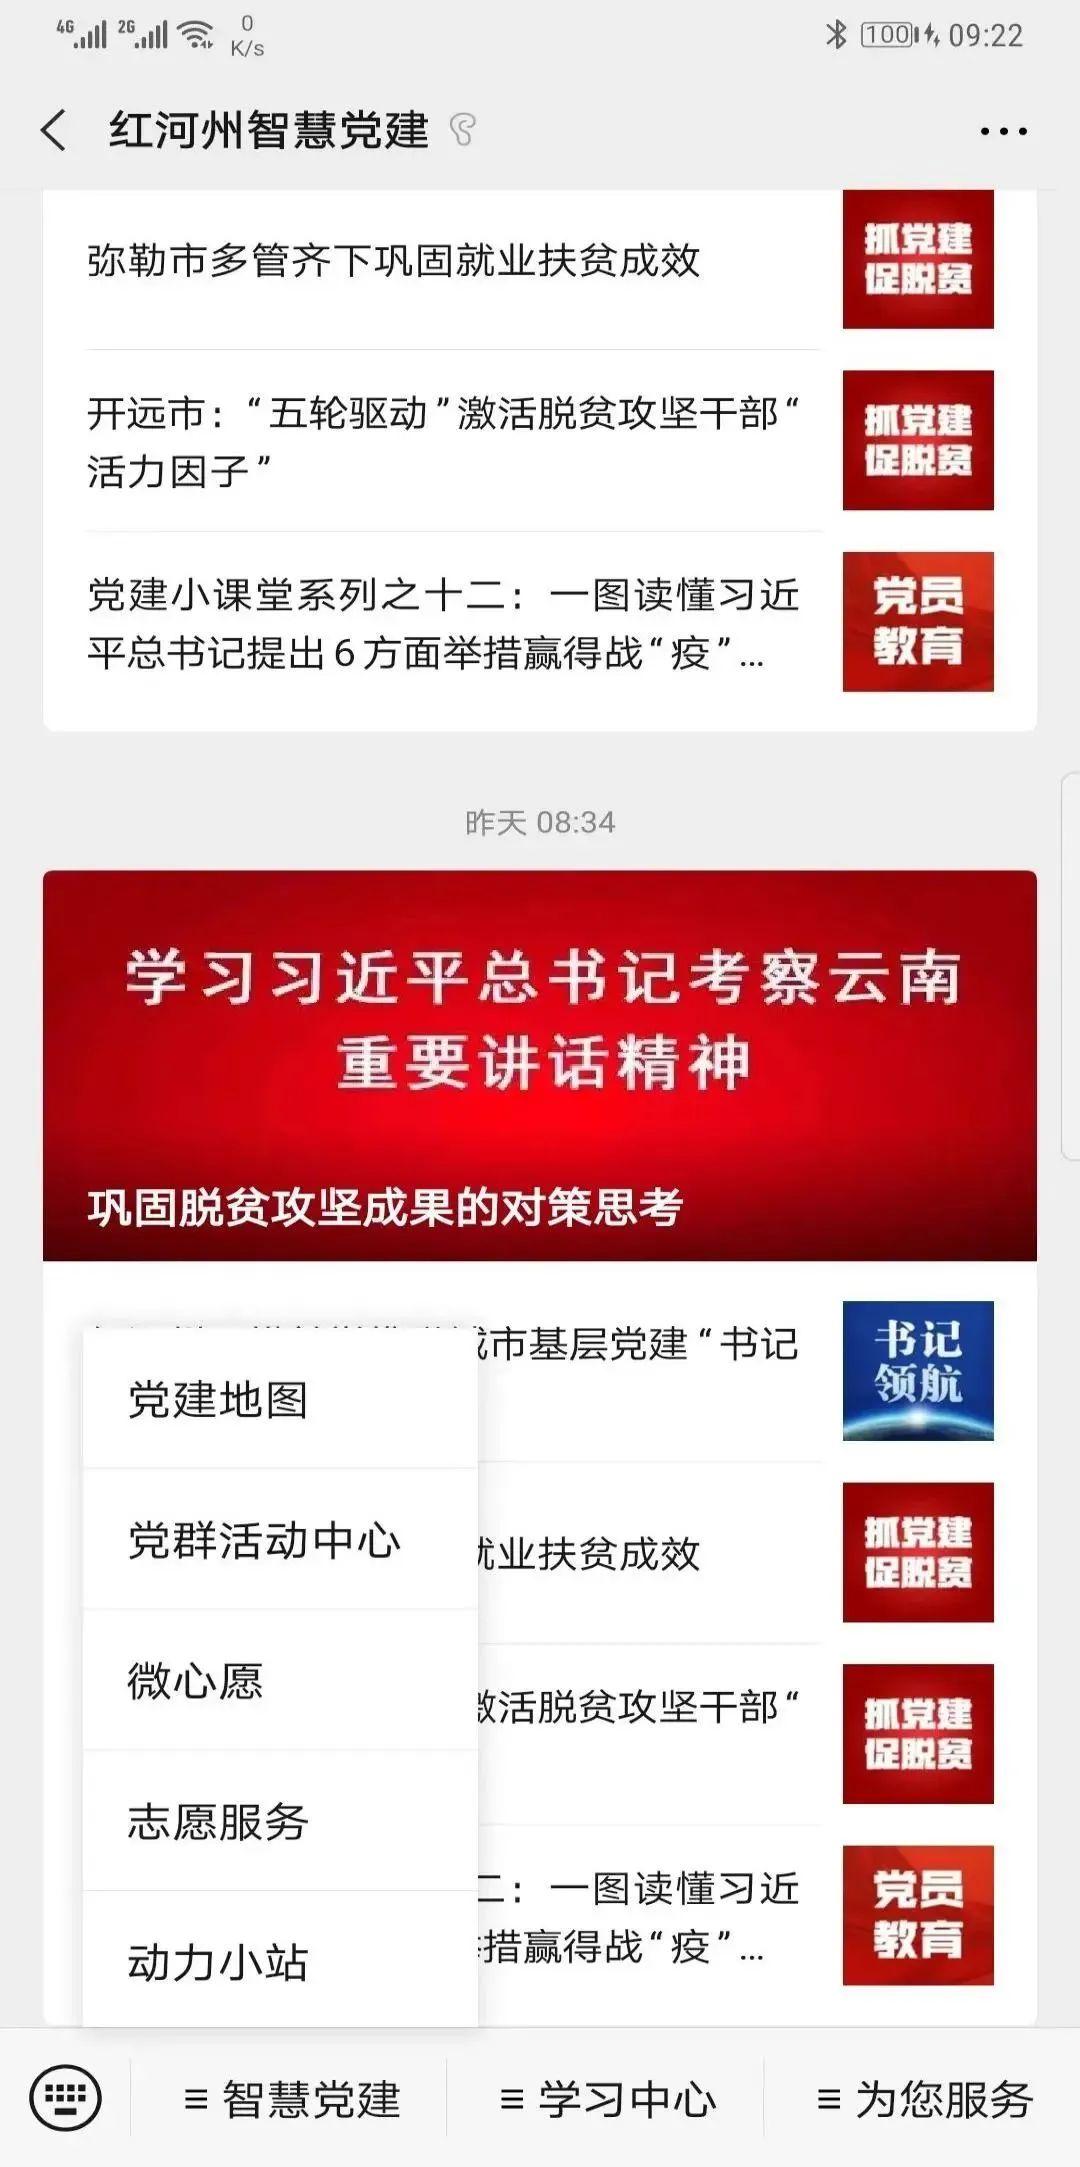 """@红河人!一起来看看""""红河州智慧党建""""有什么模块和功能"""